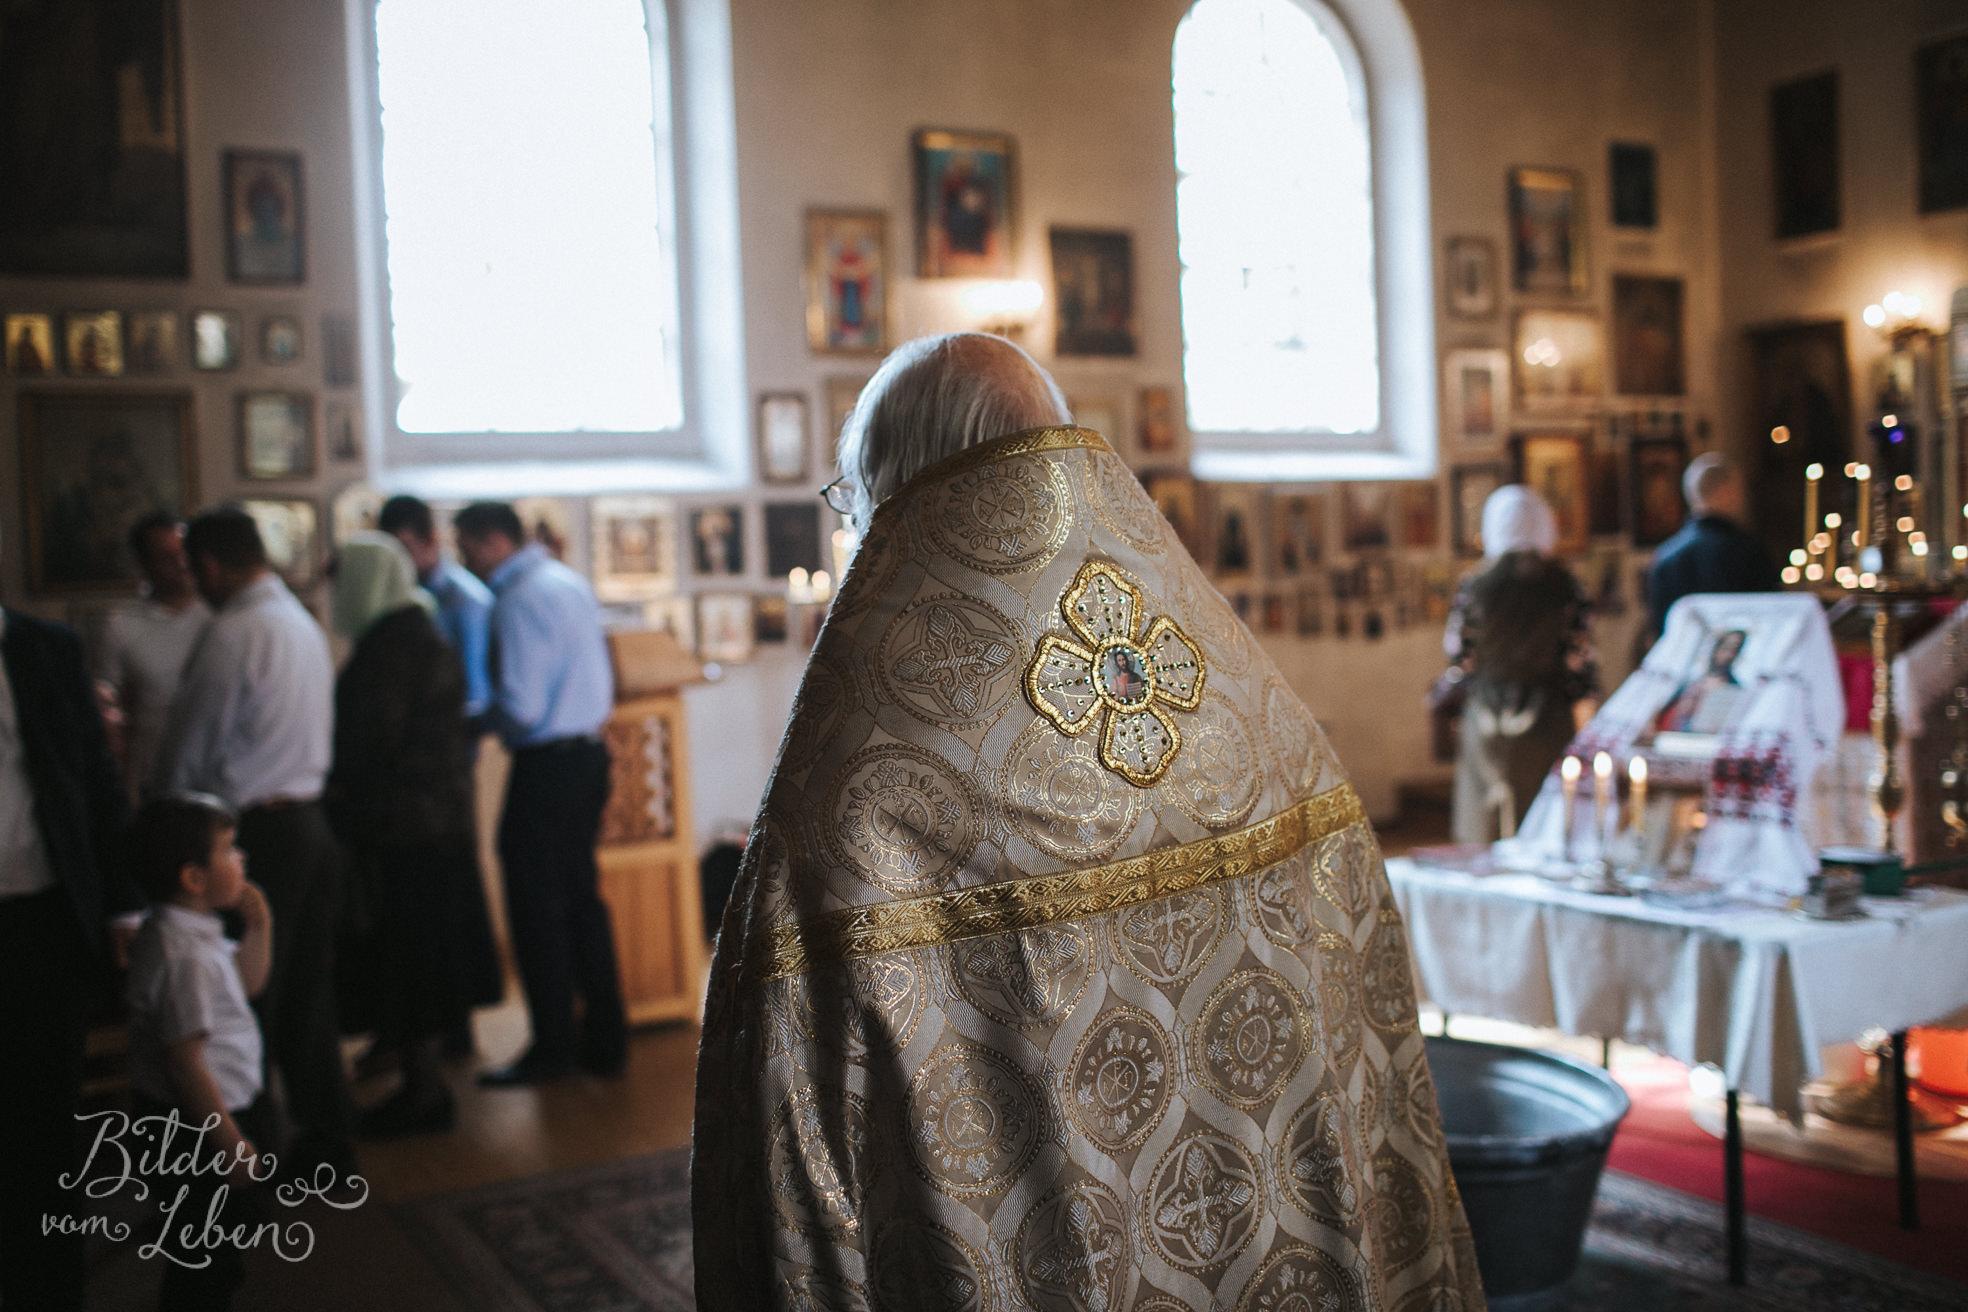 26-Russisch-orthodoxe-taufe-regensburg-mila-IM3C4869